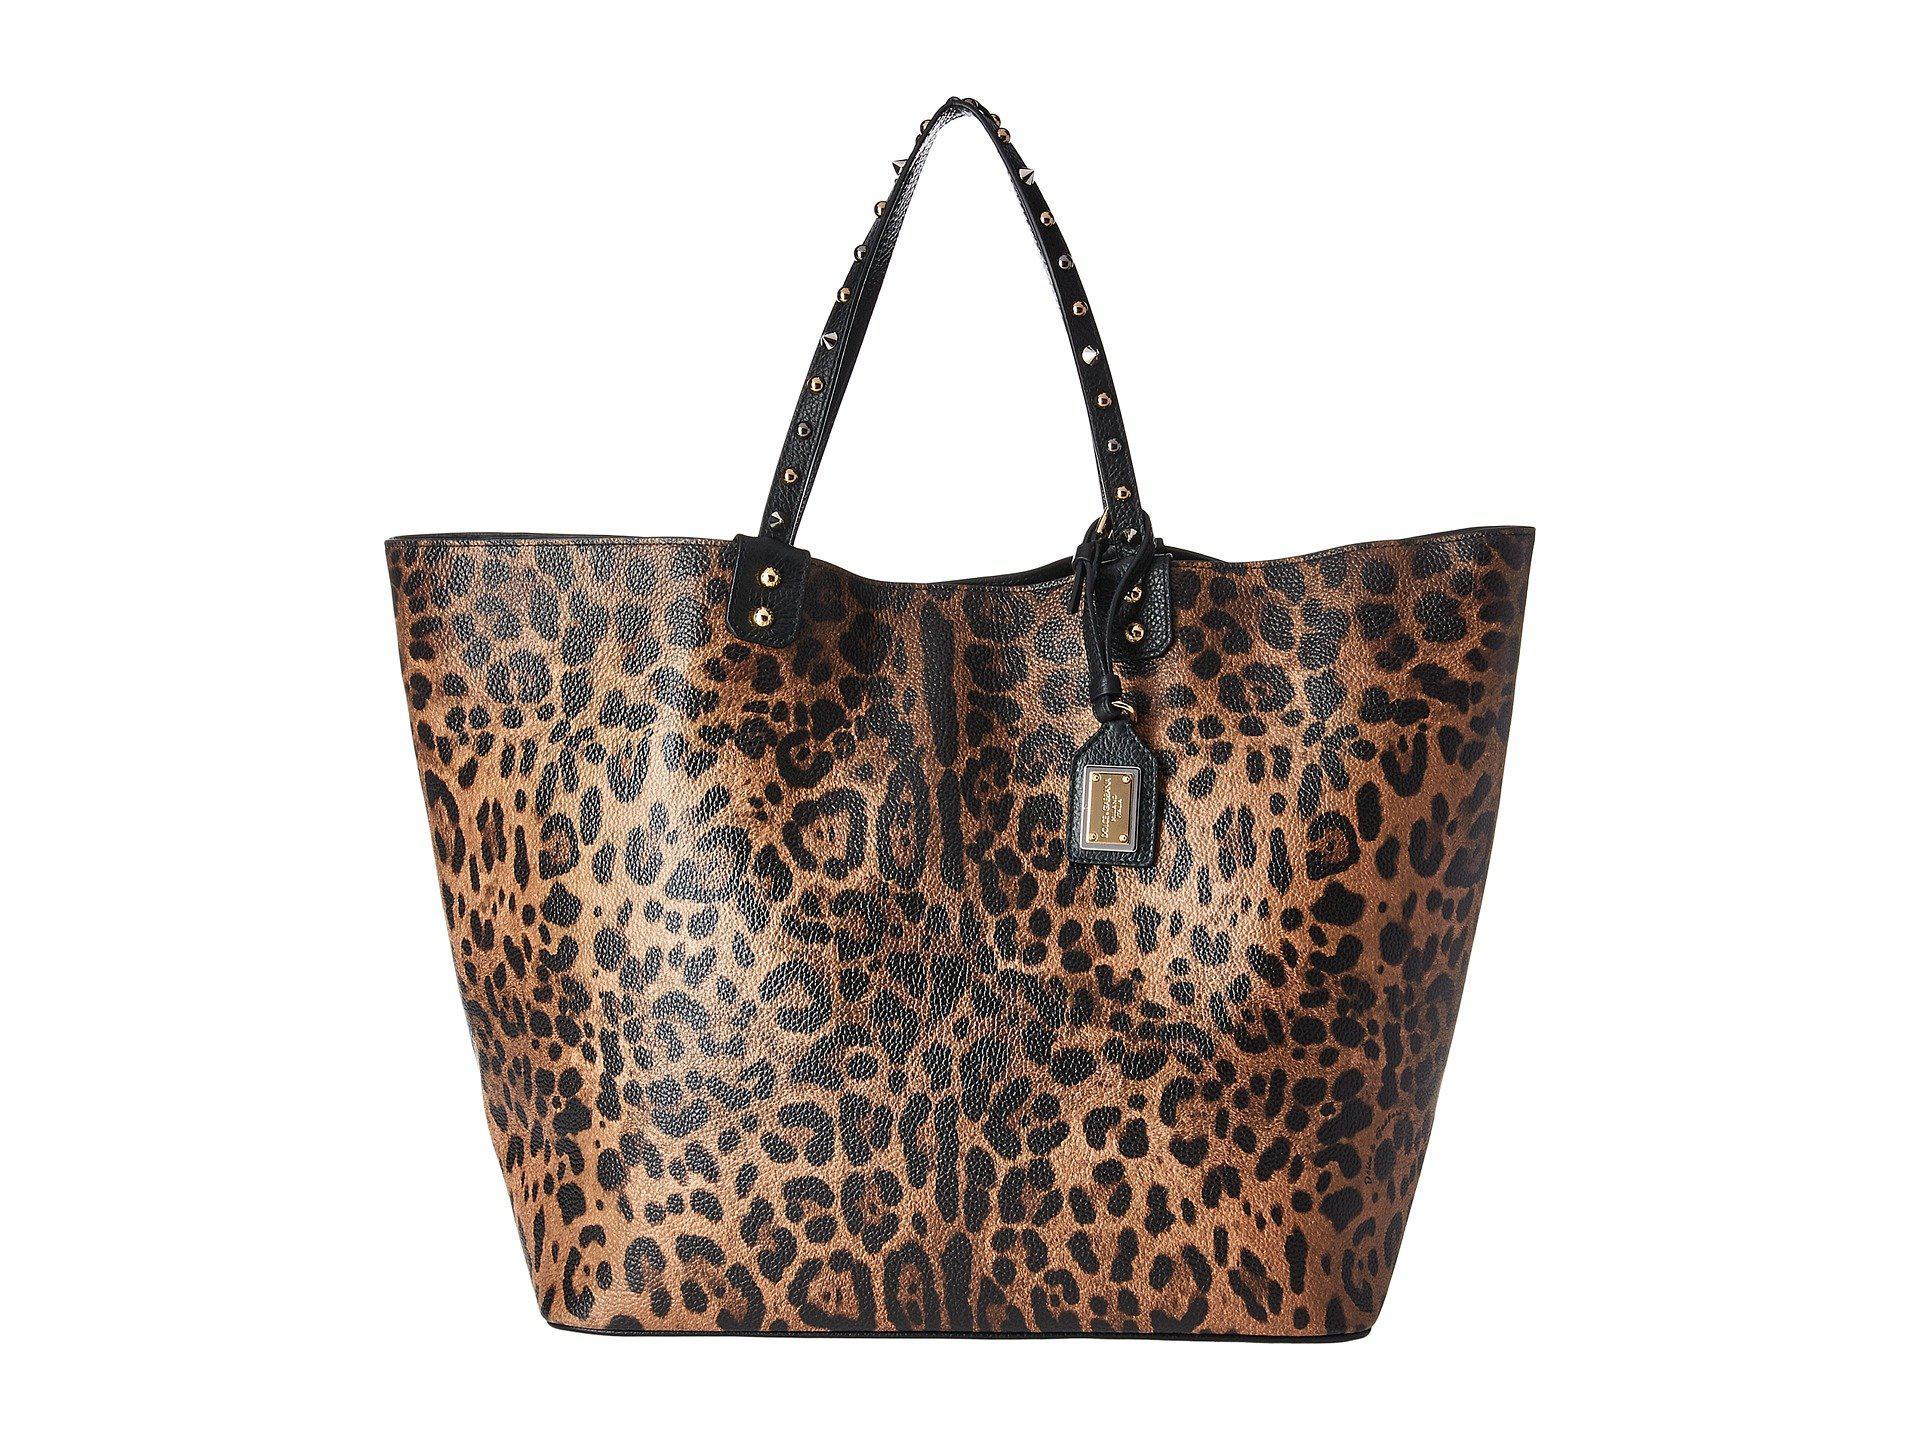 Dolce & Gabbana Fourre-tout En Cuir Imprimé Beatrice Acheter Magasin De Sortie Pas Cher YD5WAwiP1